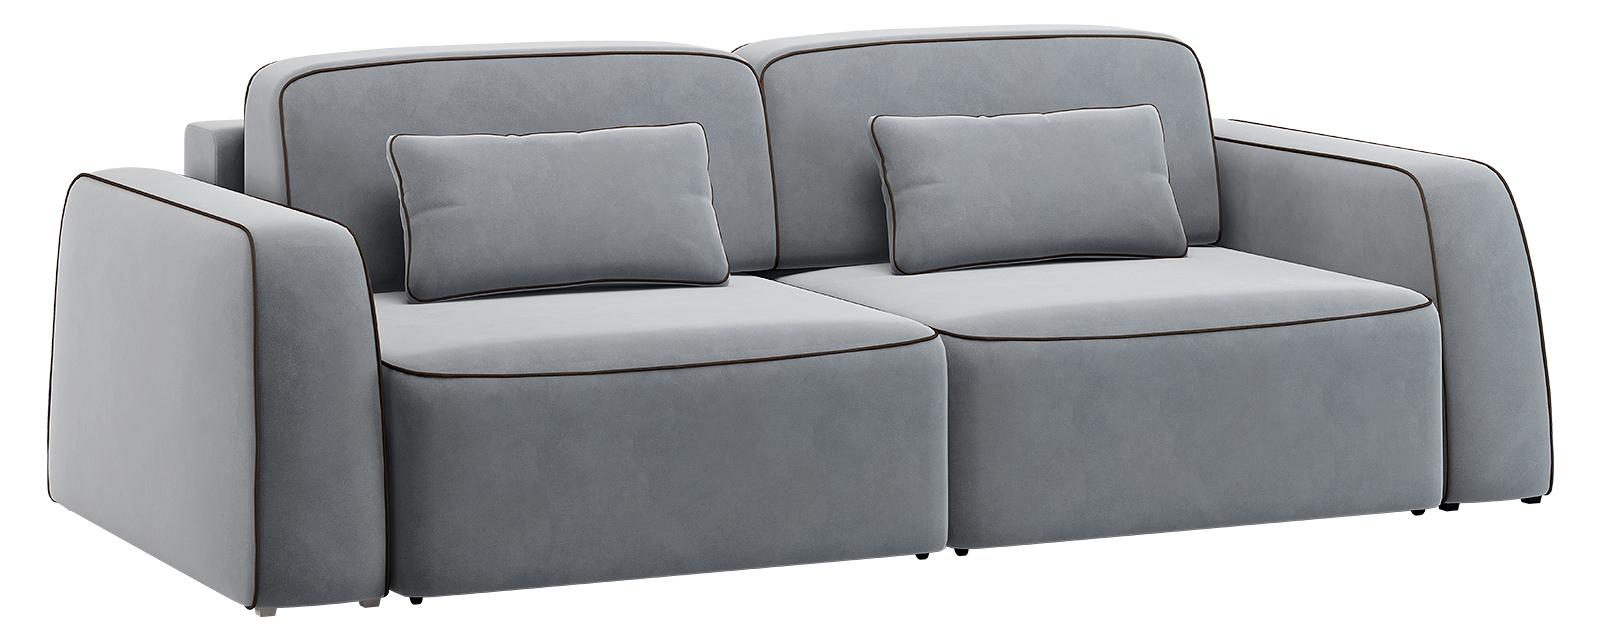 Модульный диван Портленд 200 см Вариант №3 Velutto серый (Велюр)